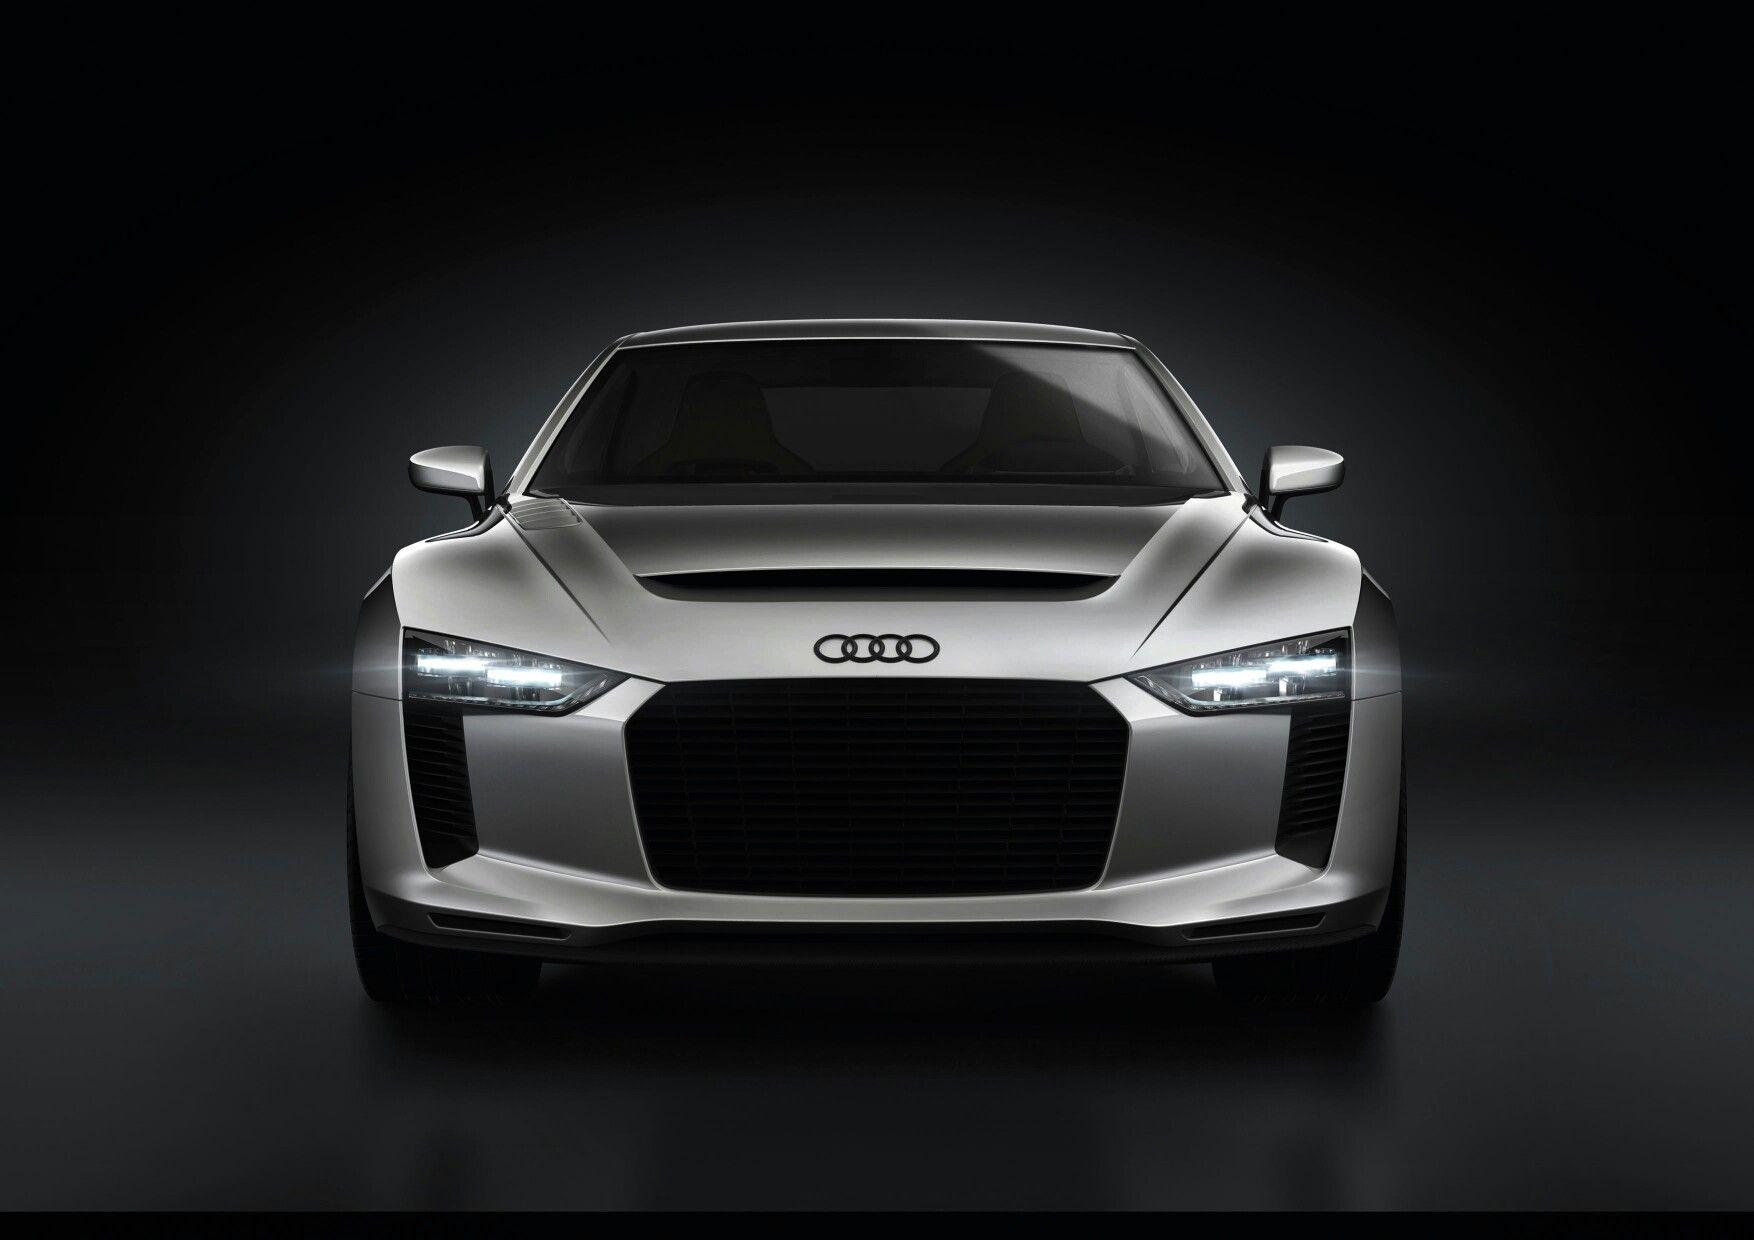 Audi quattro concept efficient LED headlights